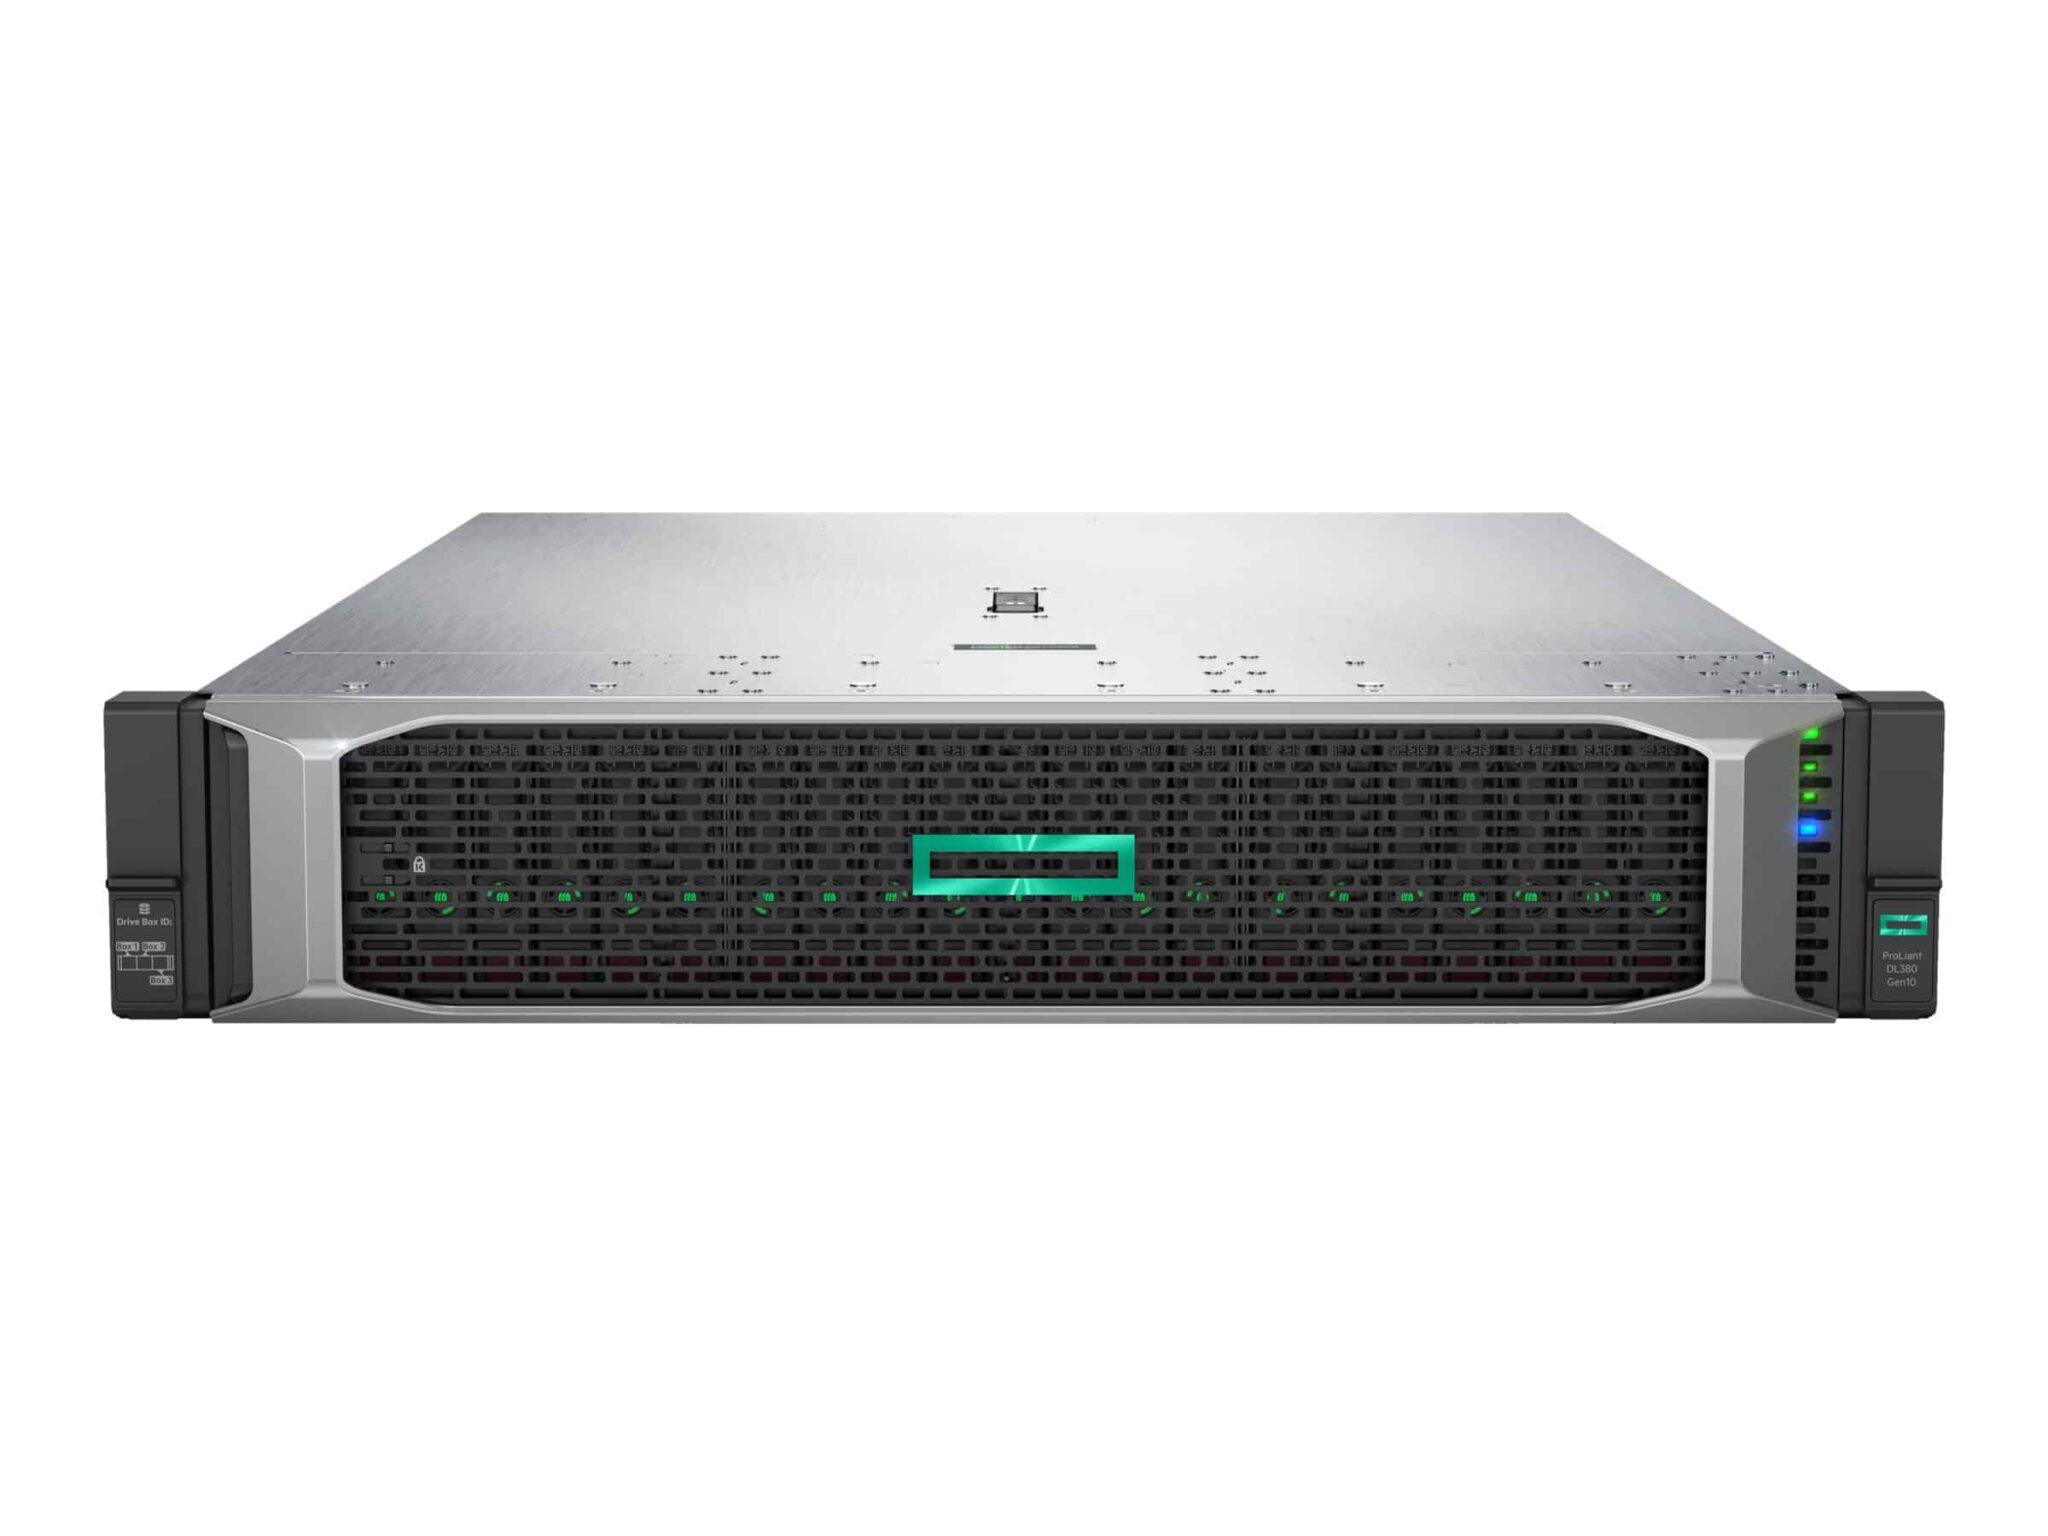 HPE-DL380-Gen10-4112-1P-16GB-8LFF-Server-Smart-Buy